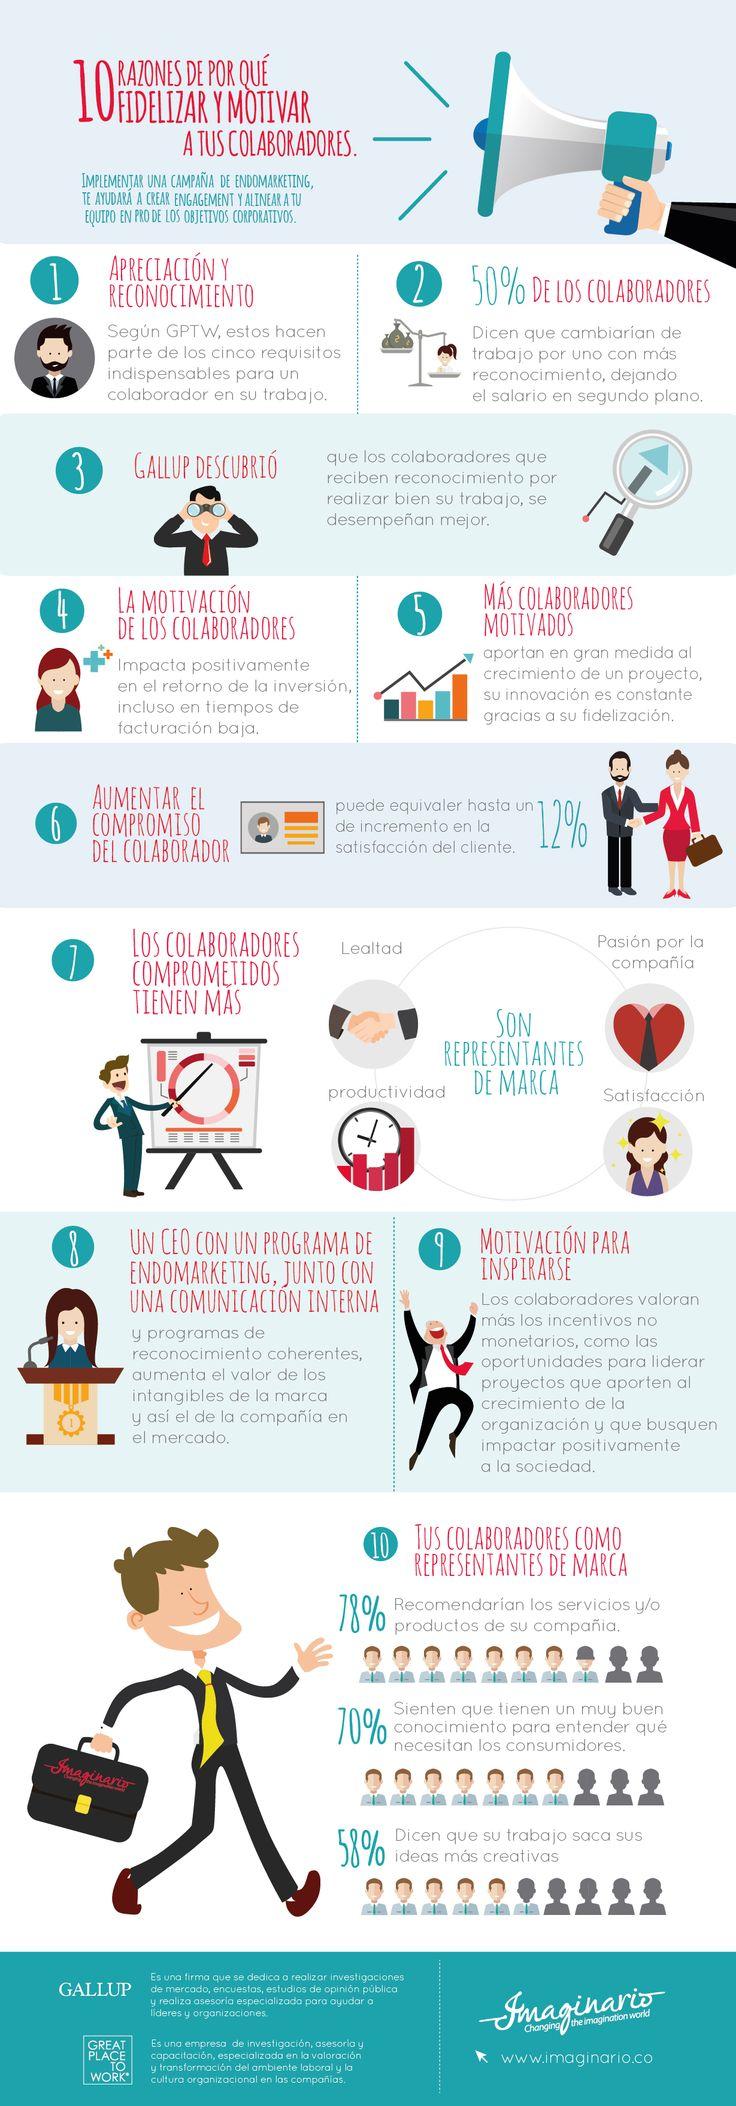 Motivar y reconocer a los colaboradores de una organización es un objetivo fundamental para el desarrollo y crecimiento de la misma, pues está claro que lo que se vive al interior de una compañía se refleja hacia sus públicos externos, por eso te dejamos 10 razones por las que deberías fidelizar y motivar a tus empleados.